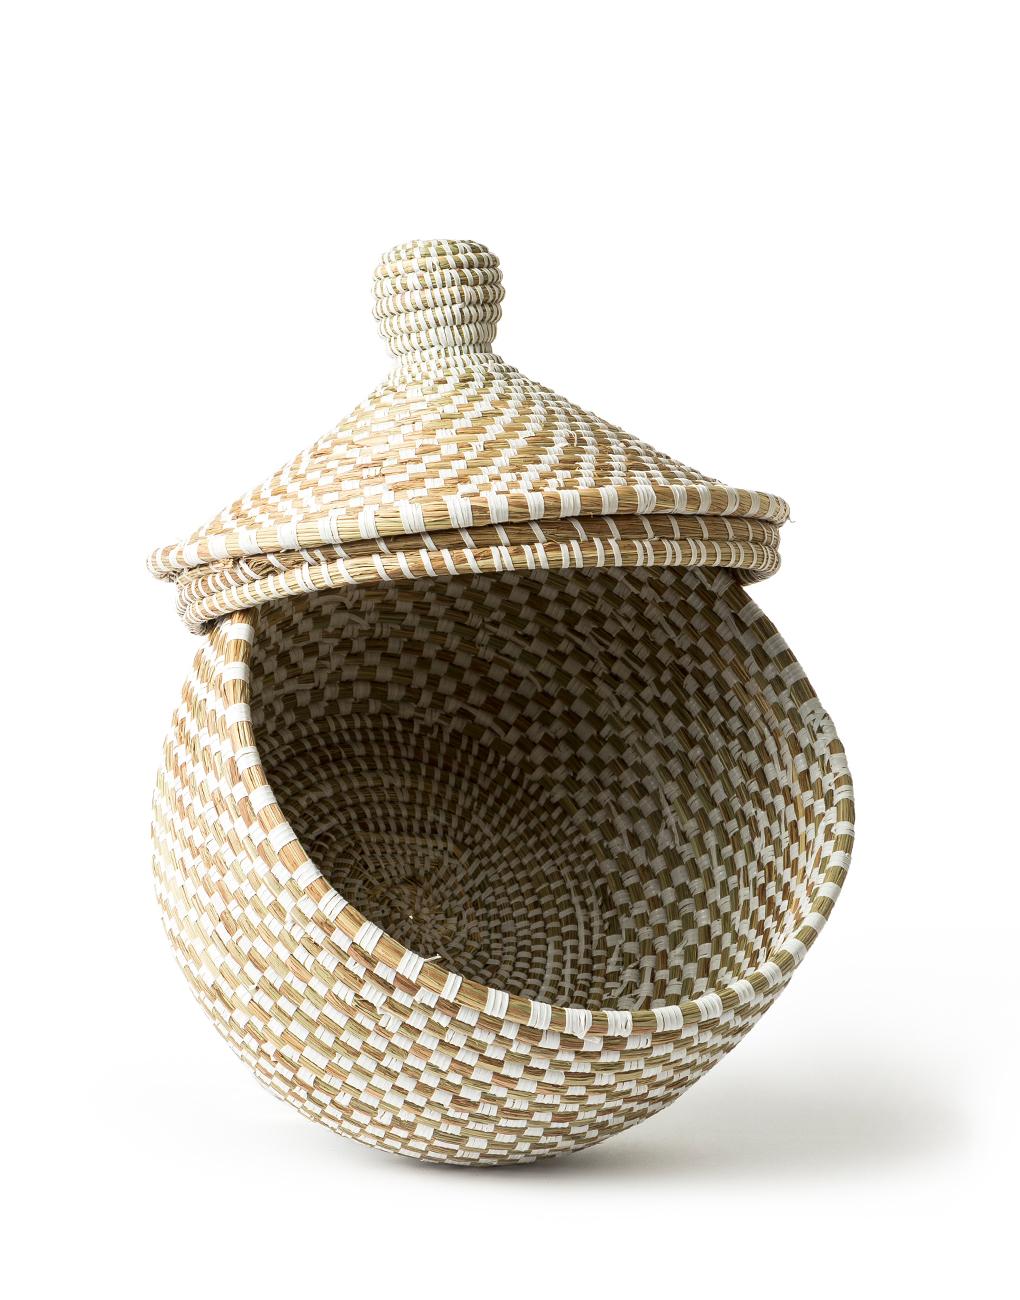 Whimisical-Basket-White-Checker-2-{The-Little-Market}-99_42.jpg